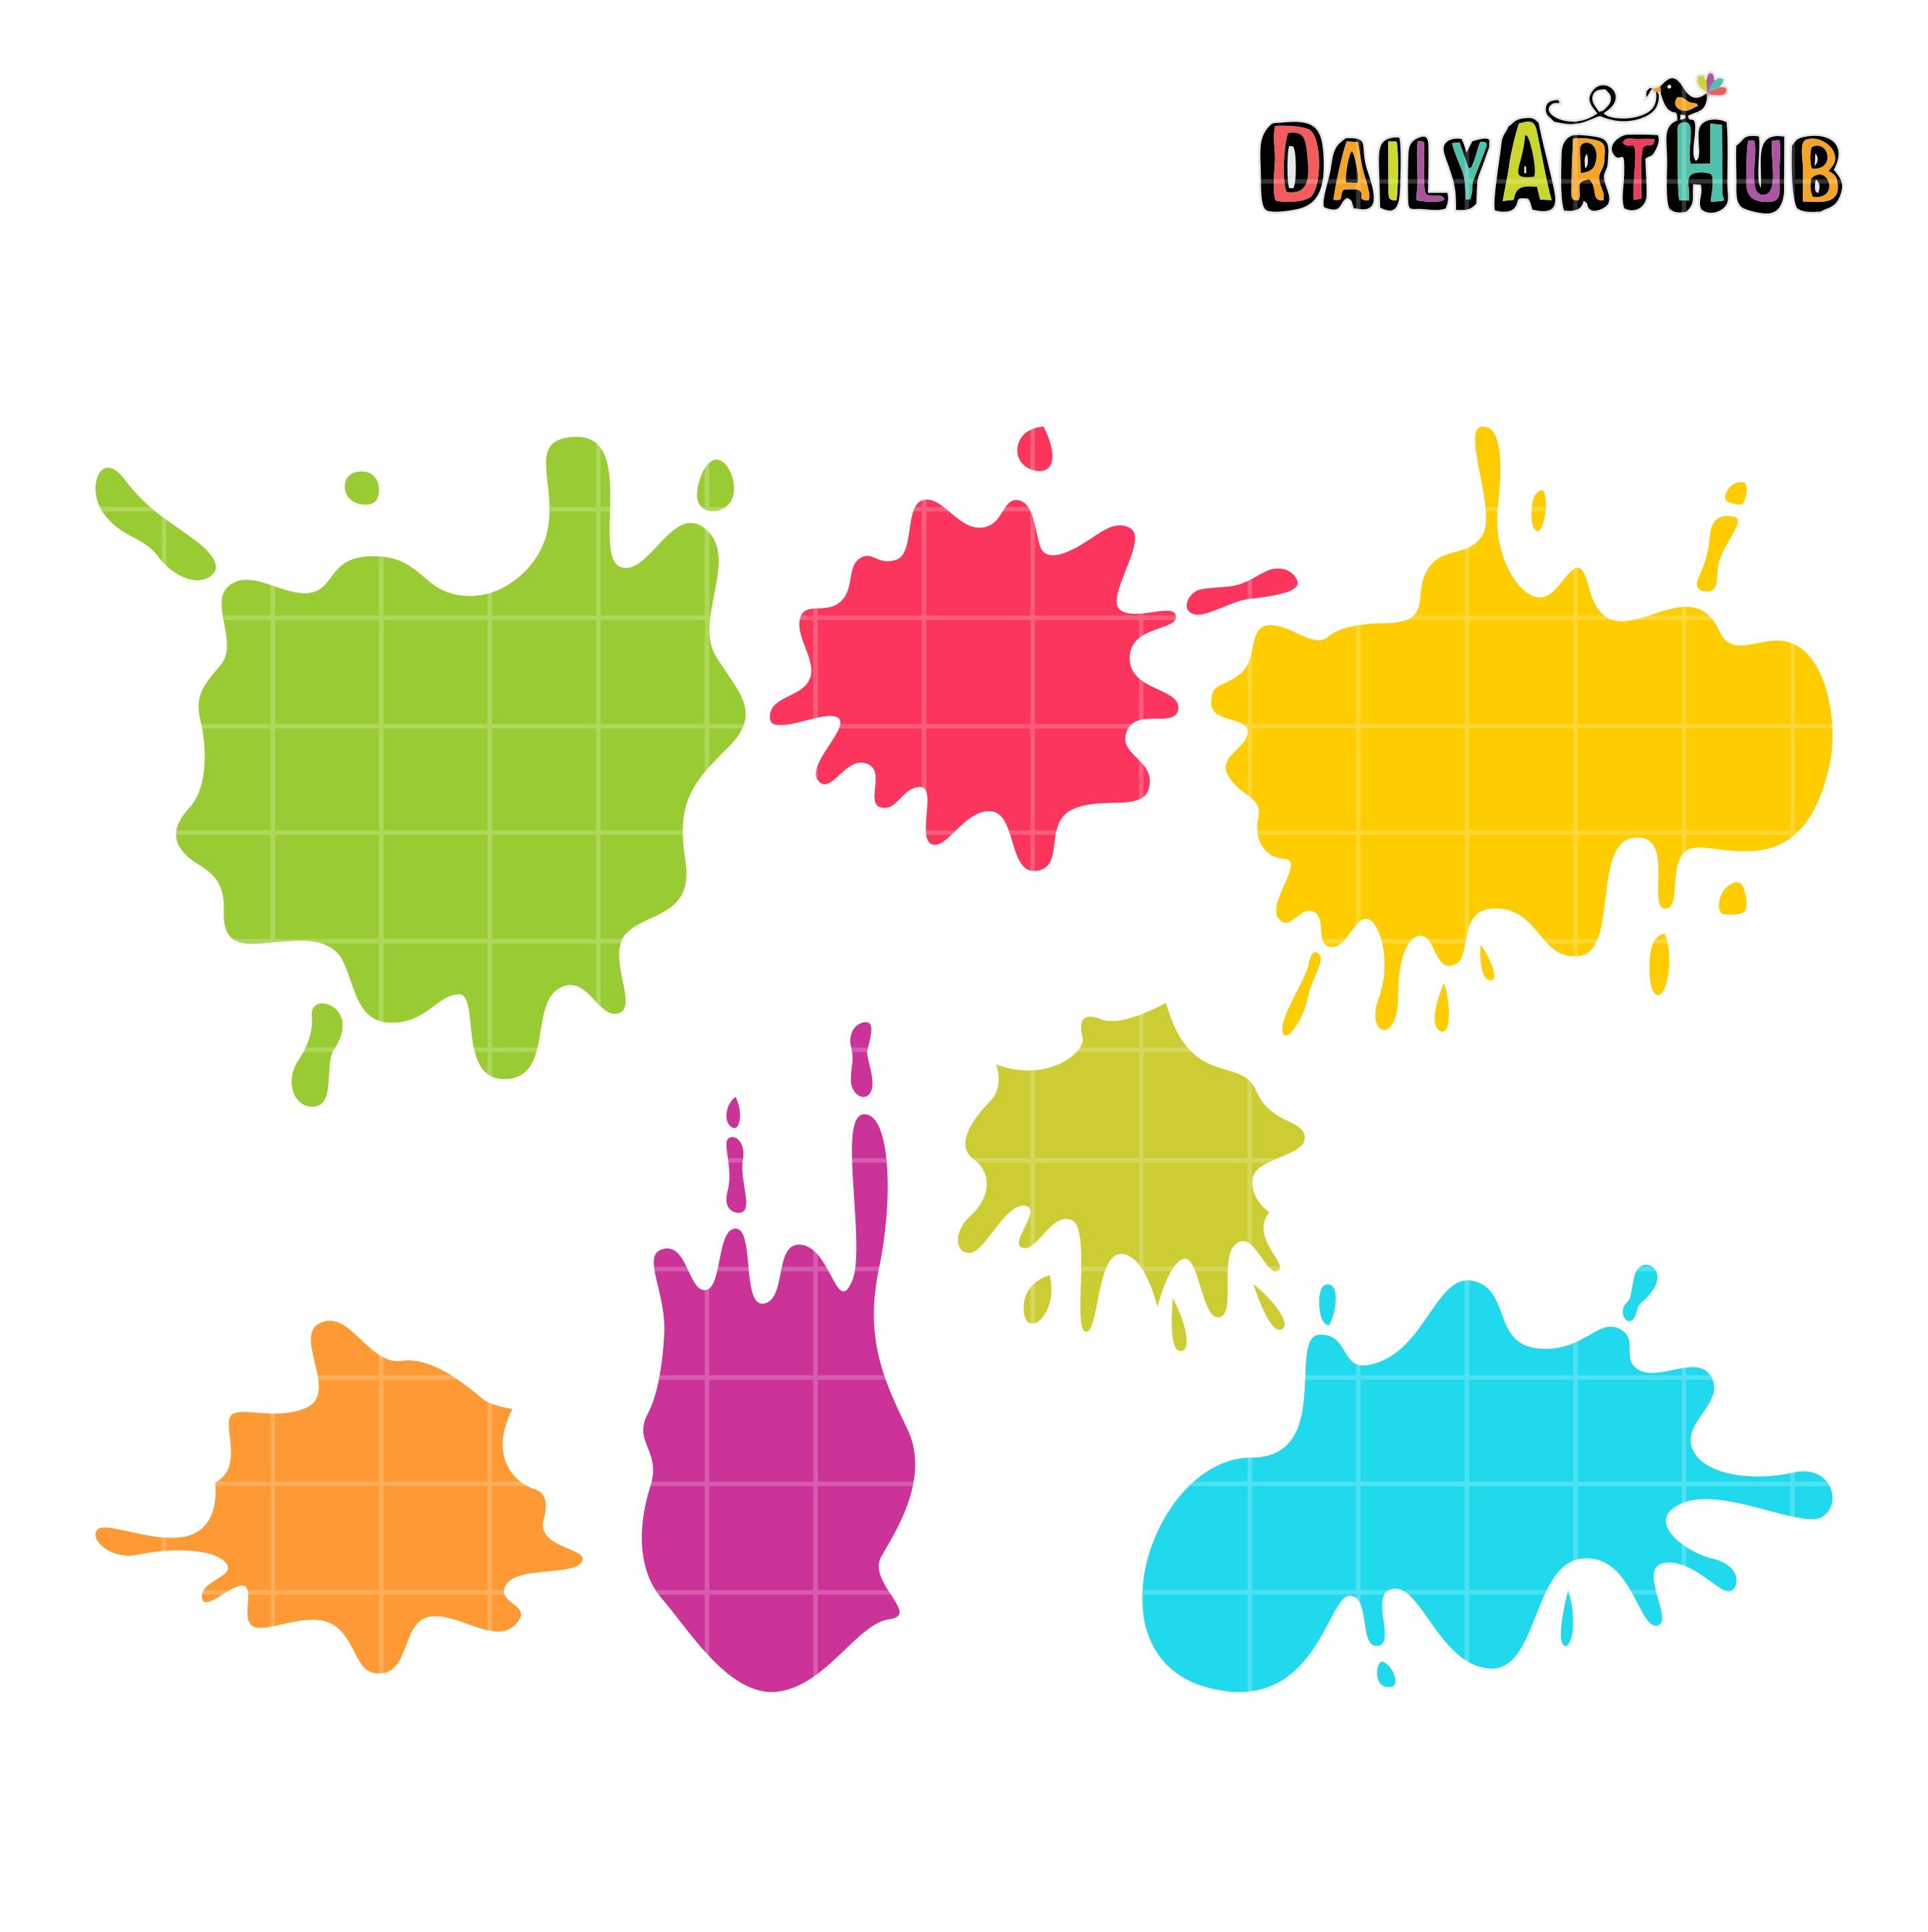 colorful paint splats clip art set daily art hub free clip art rh dailyarthub com colorful clip art free colorful clip art lettering